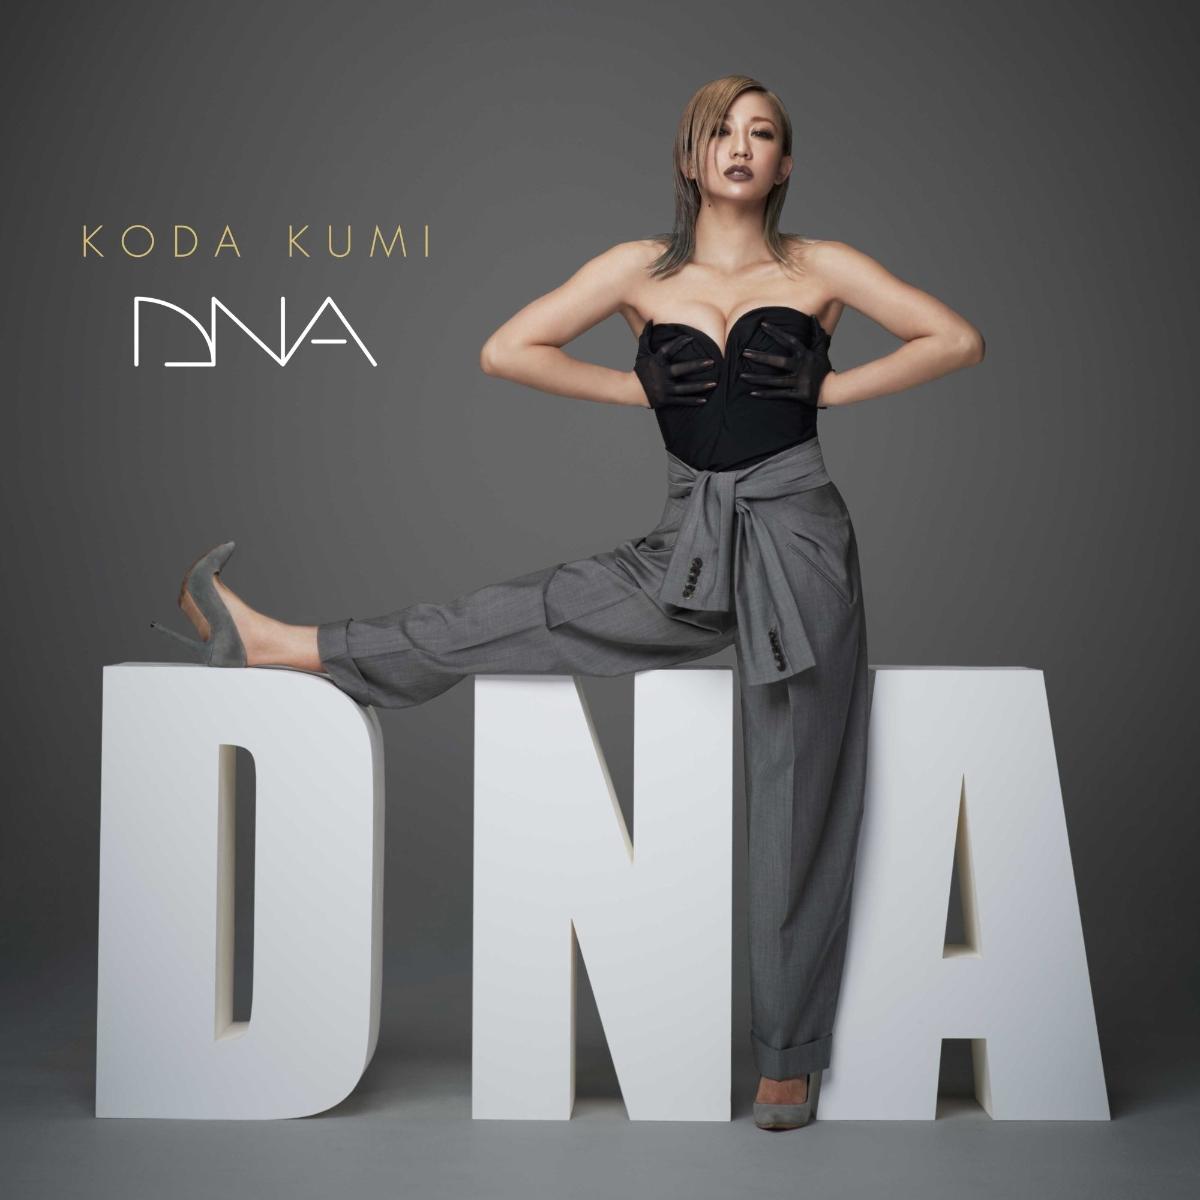 倖田來未 DNA